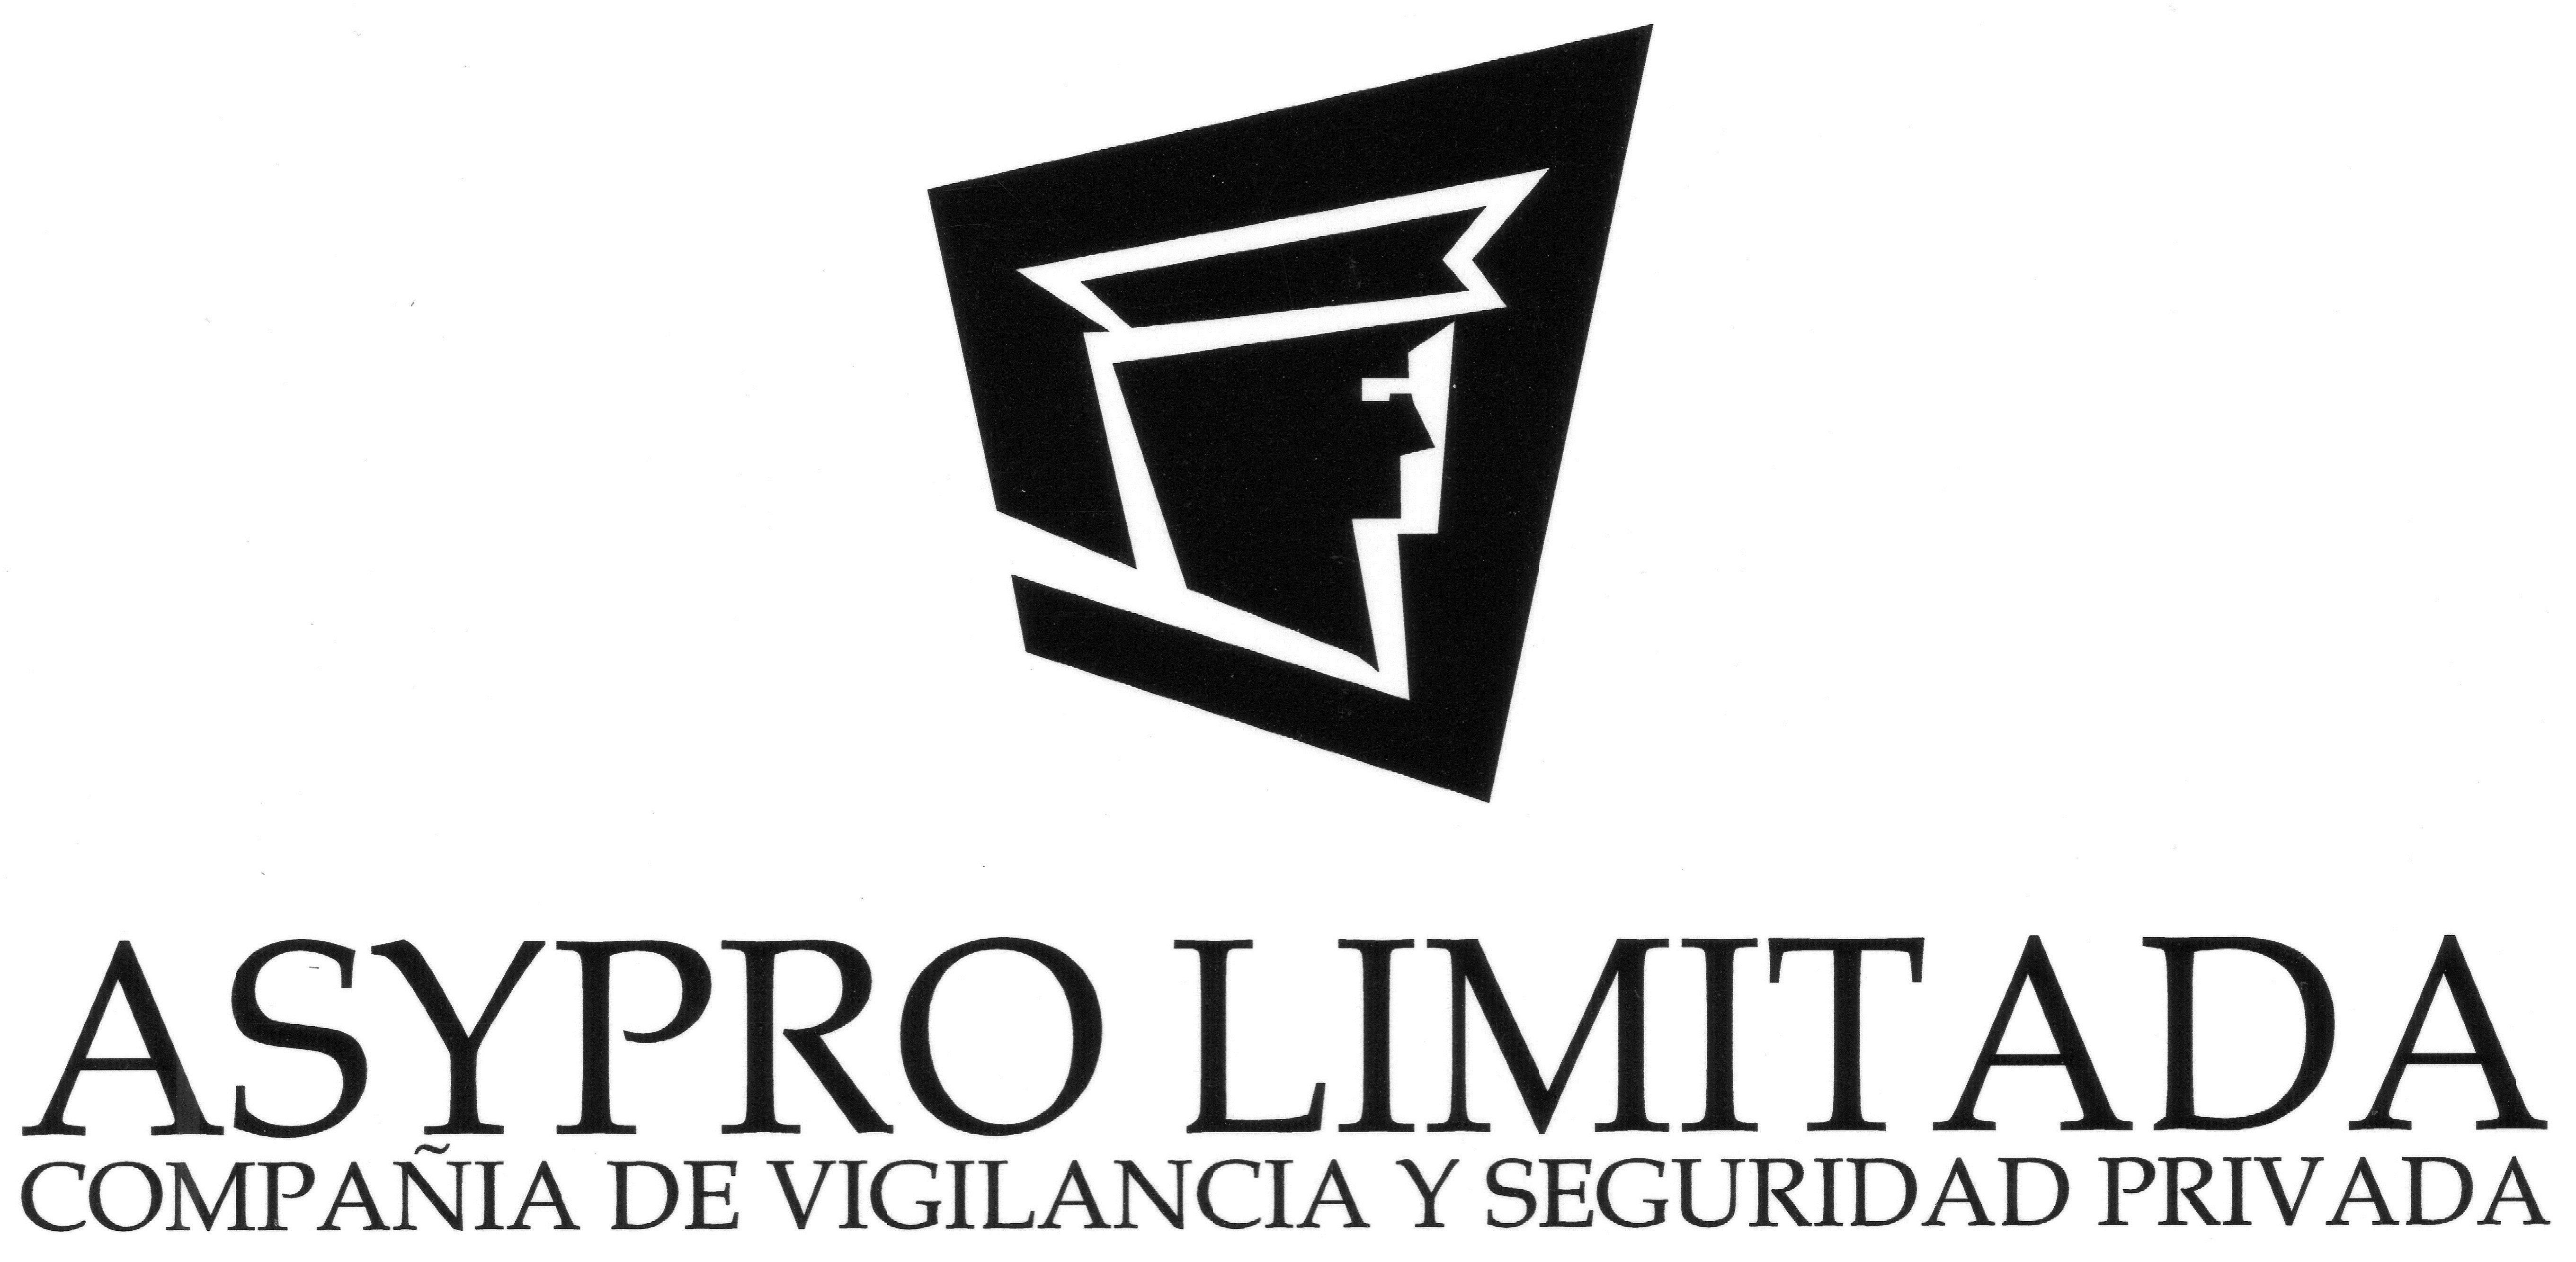 Asypro Ltda